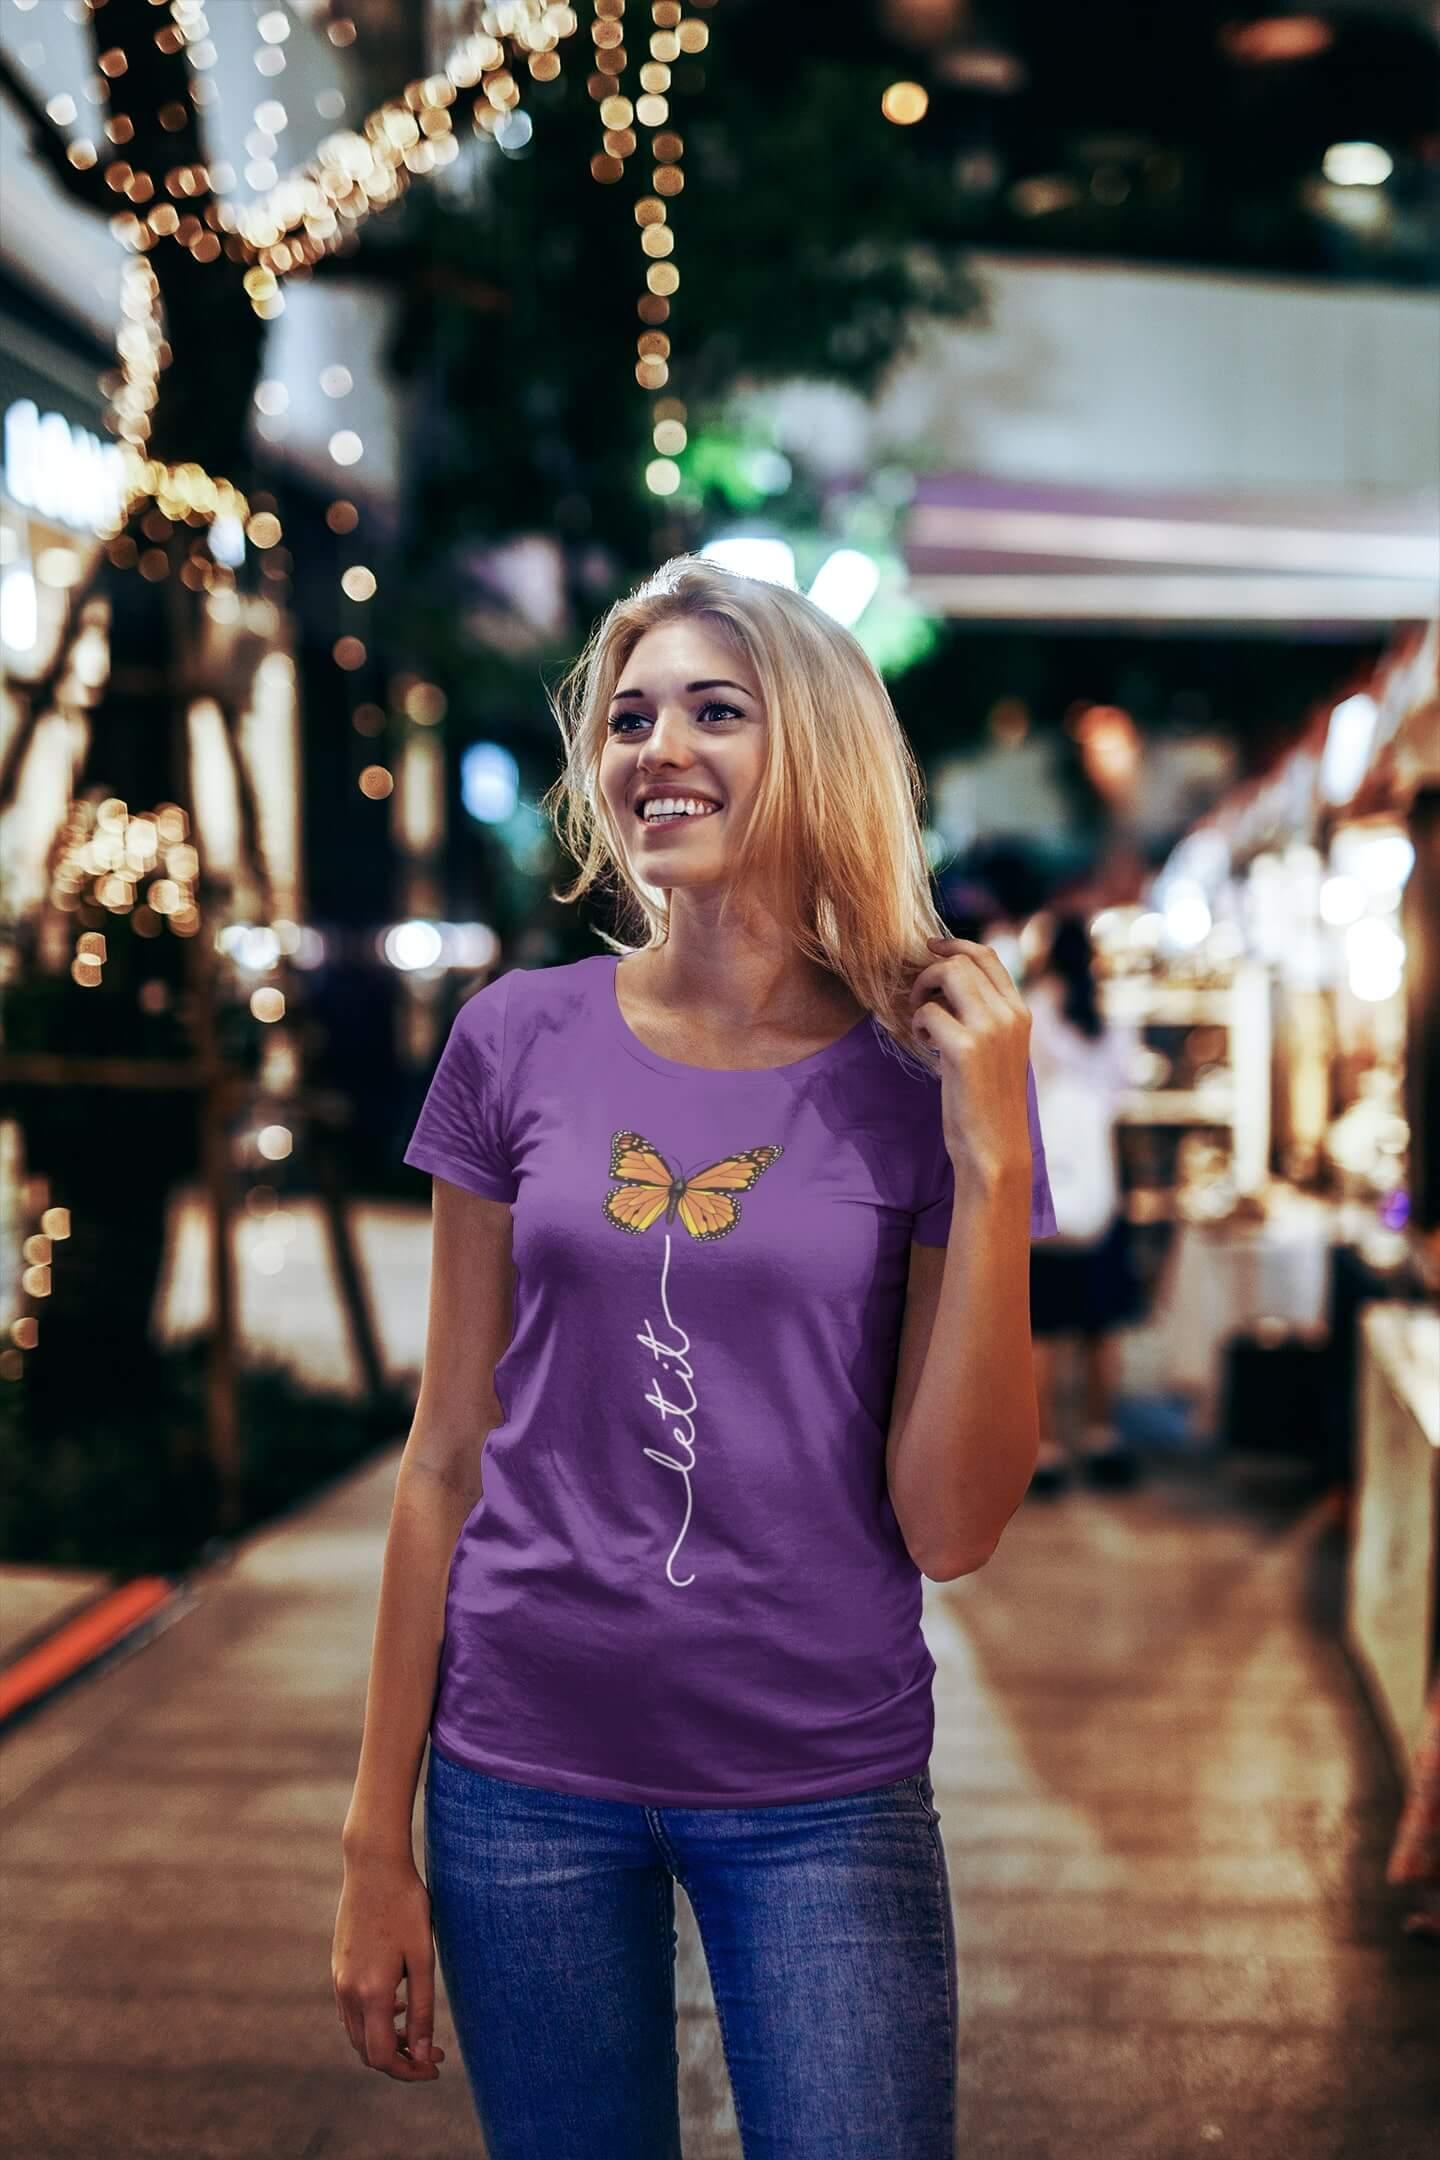 MMO Dámske tričko Let it motýľ Vyberte farbu: Fialová, Vyberte veľkosť: S